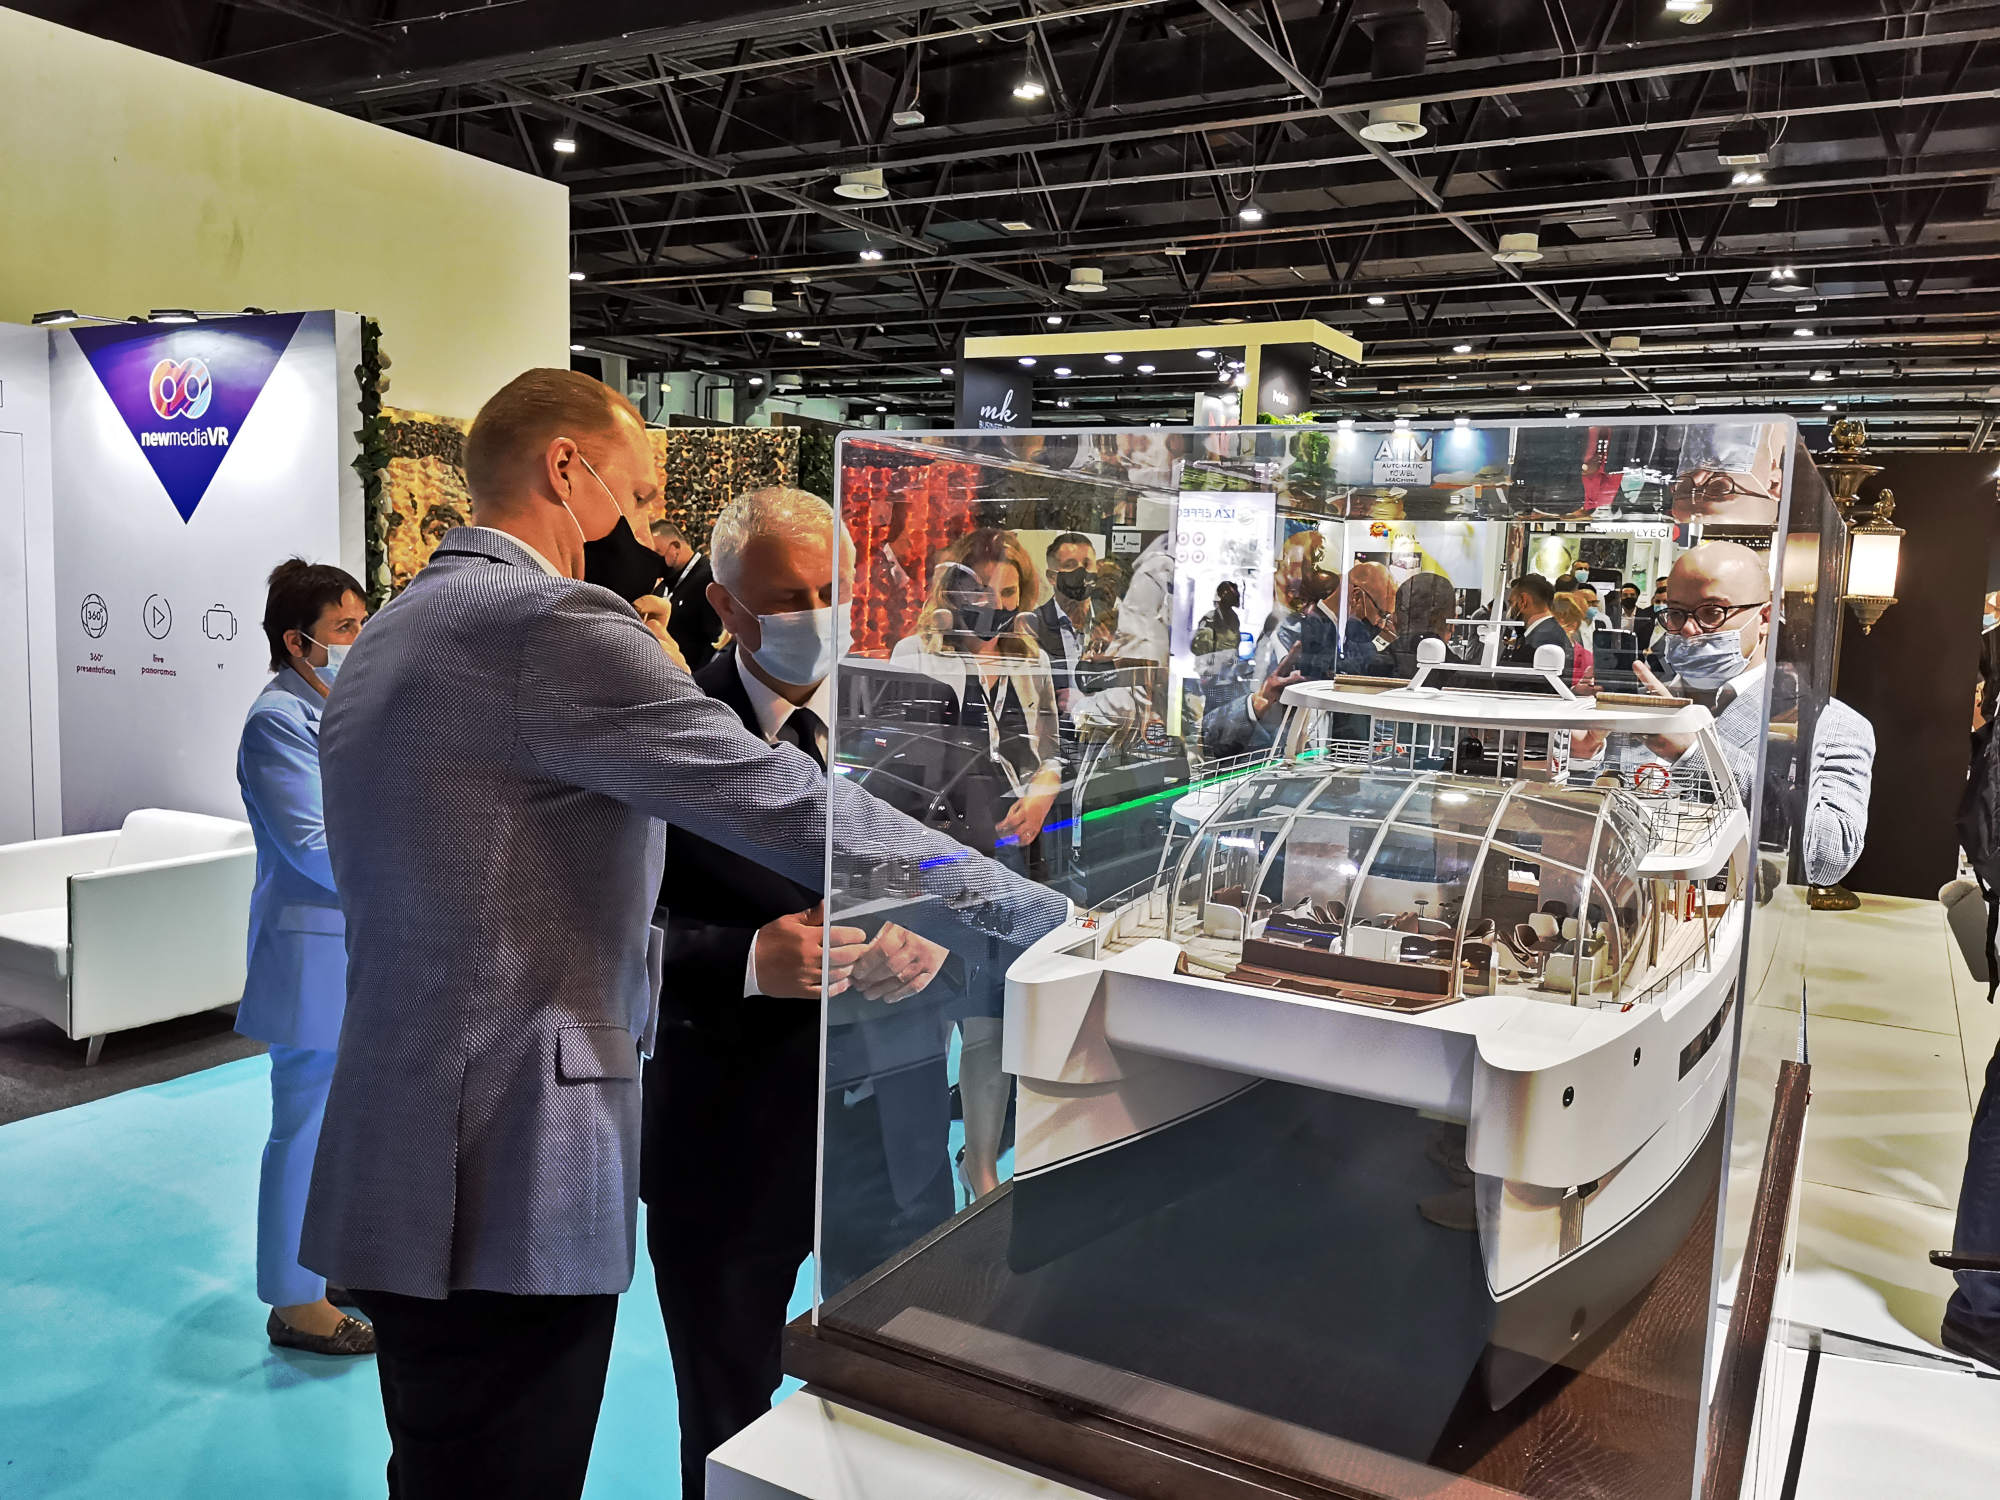 Targi jachtowe w Dubaju. Zgłoś swoją firmę na wyjazd na Bliski Wschód